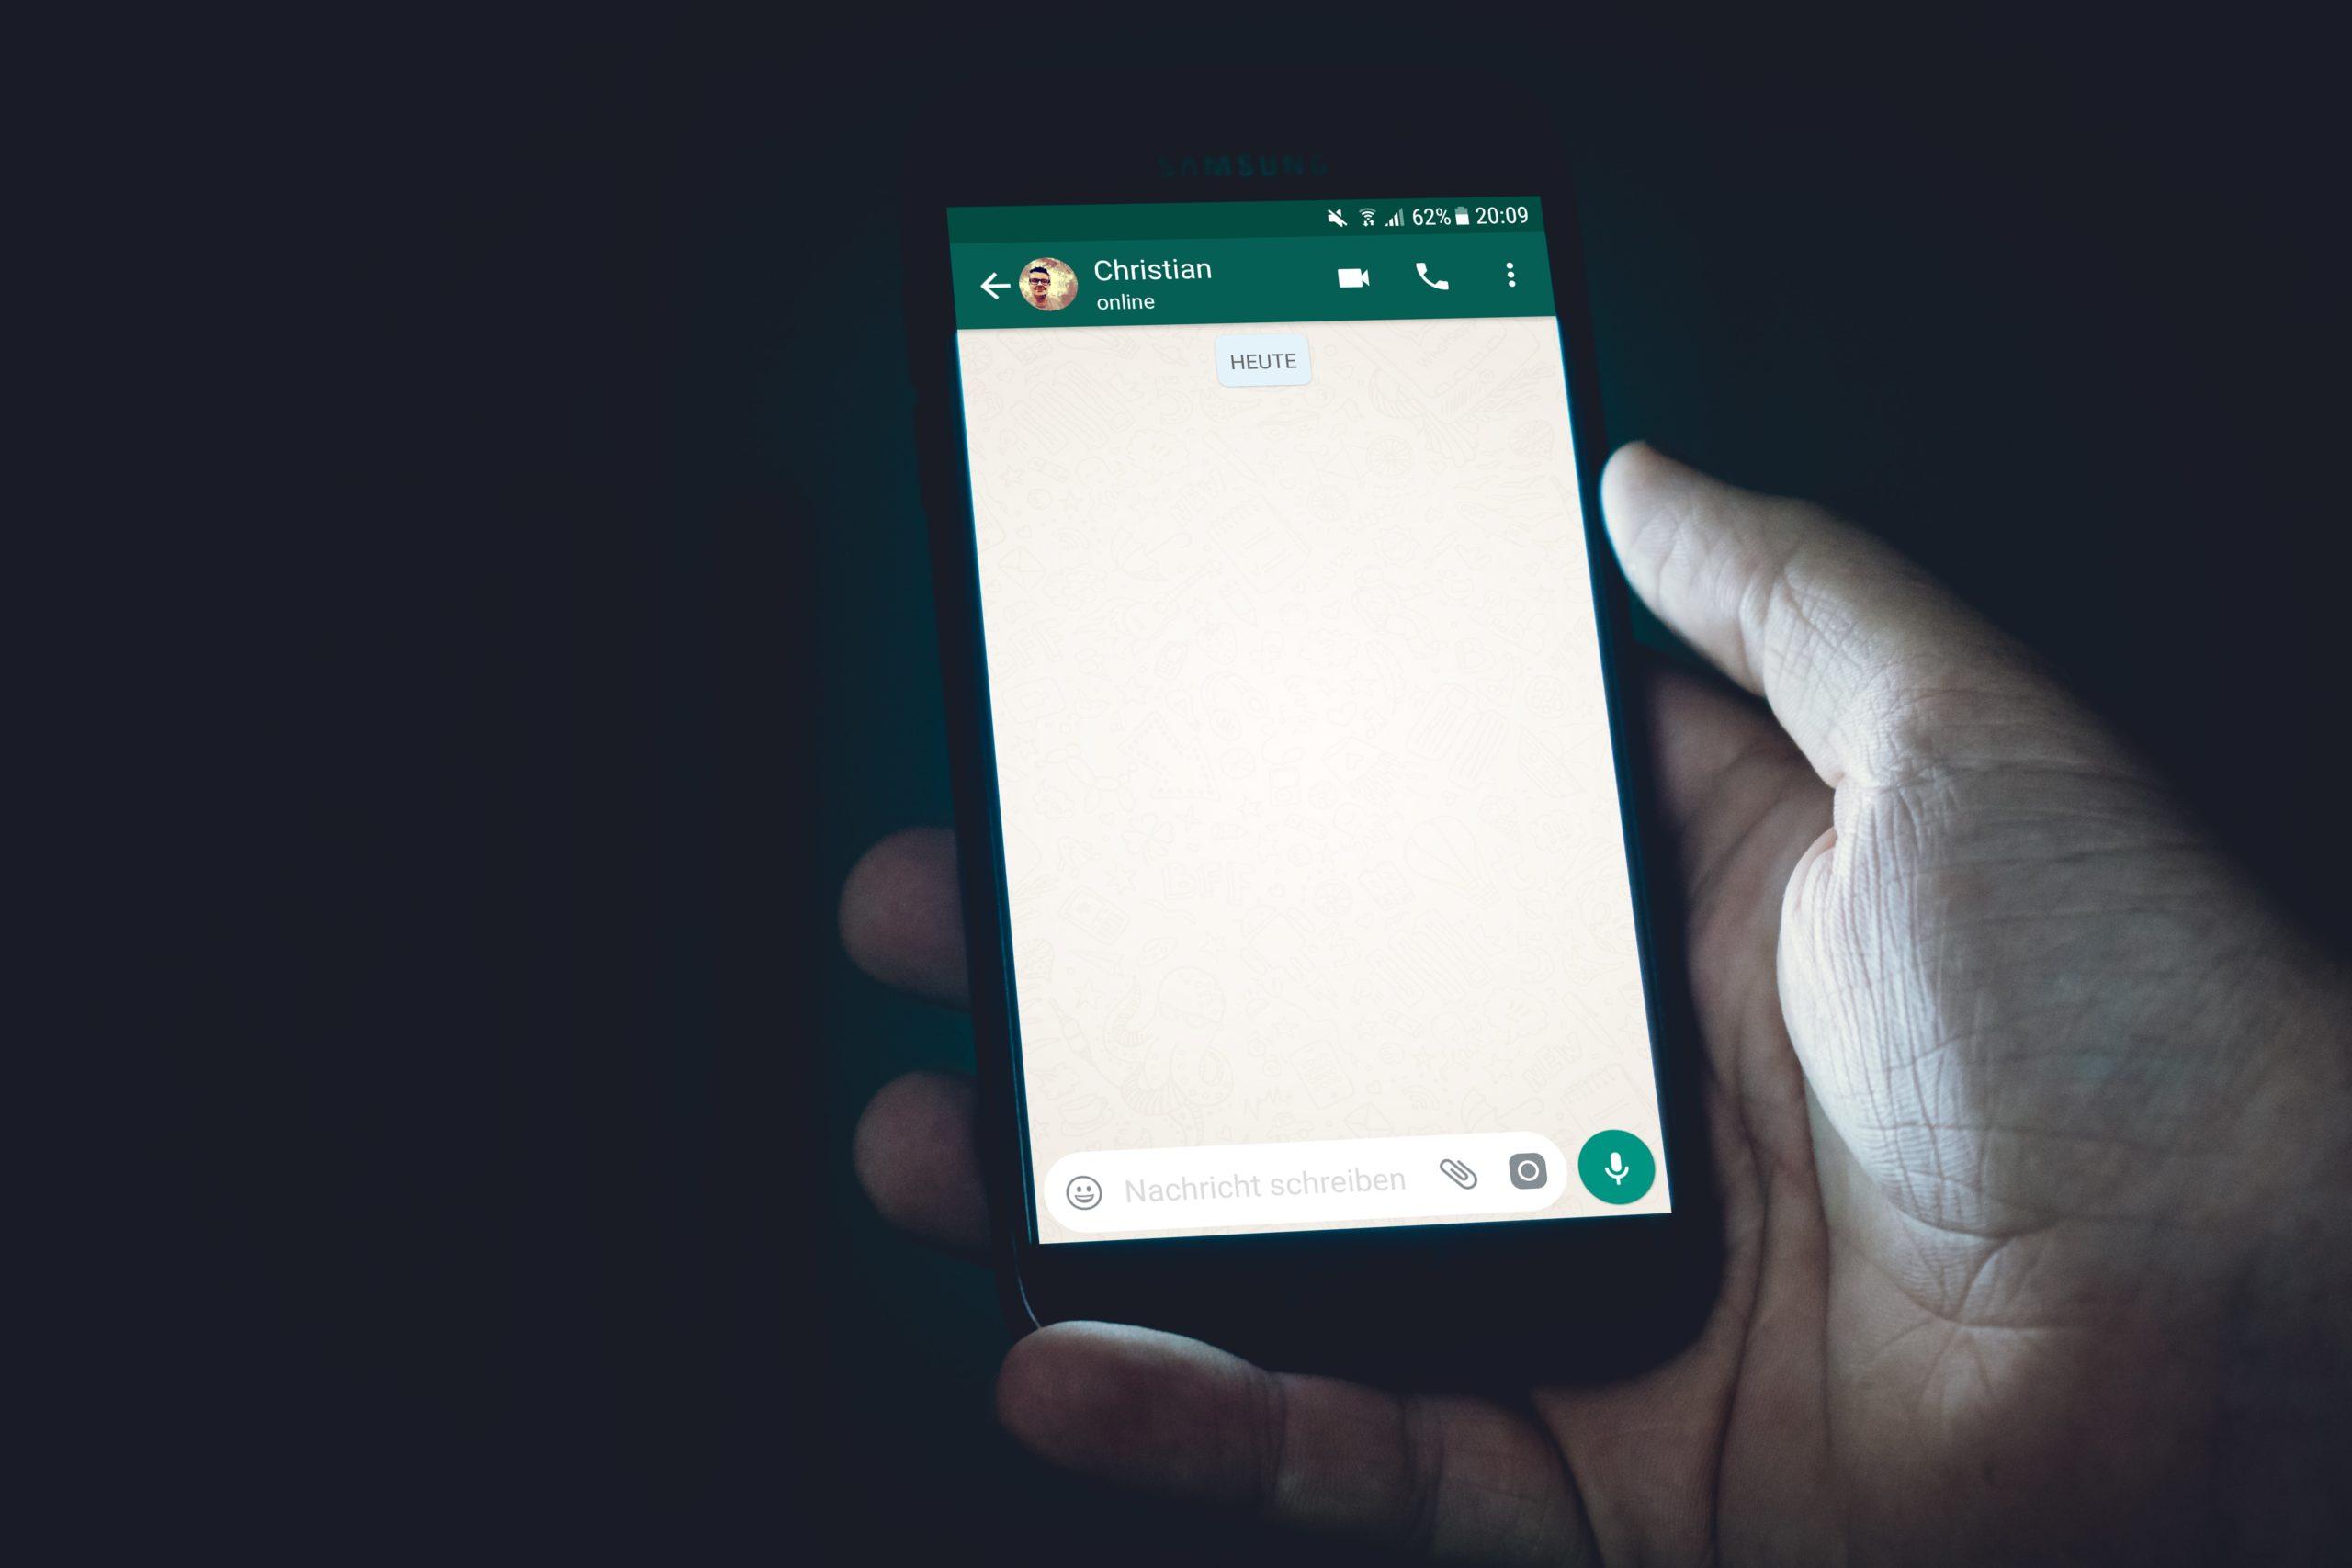 Η ΕΛ.ΑΣ «ξεκλειδώνει» τις συνομιλίες σε Viber και WhatsApp